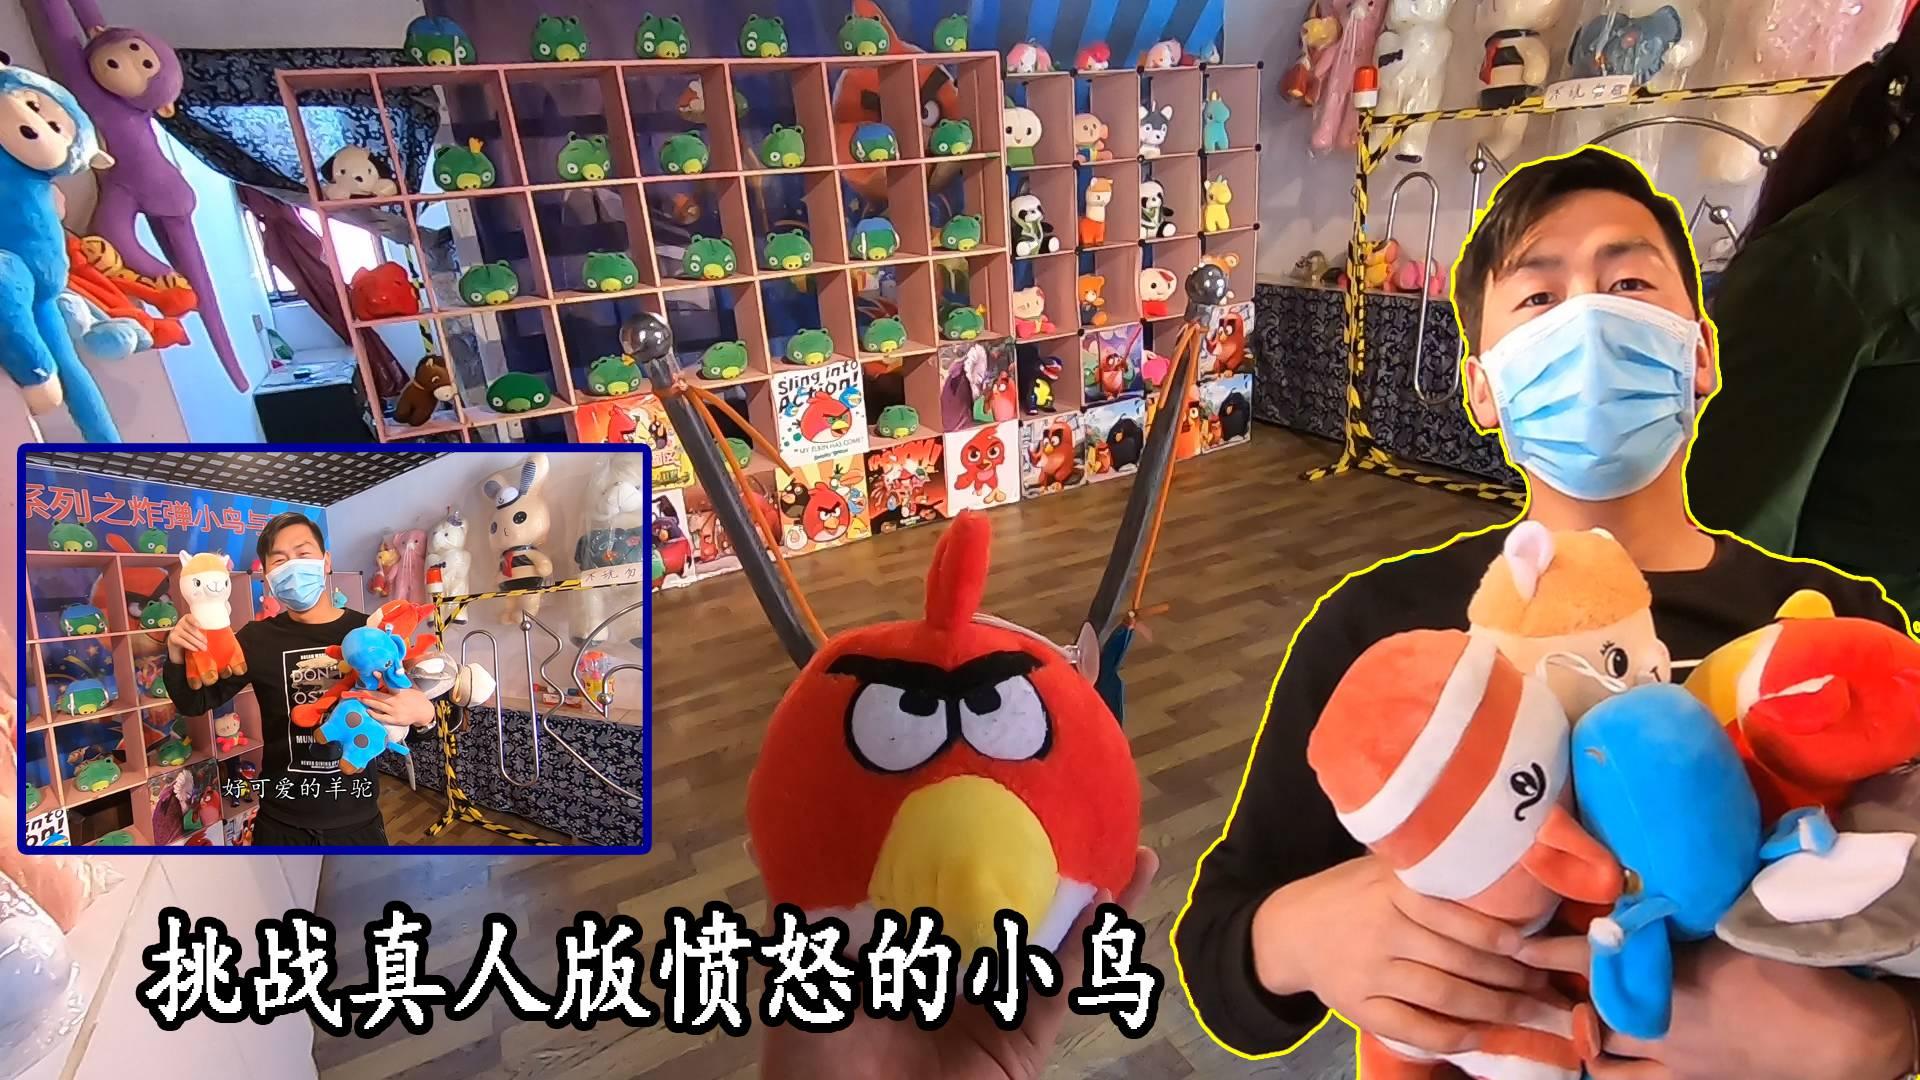 挑战真人版愤怒的小鸟,给老板上一课,玩得太过瘾还整一堆布娃娃